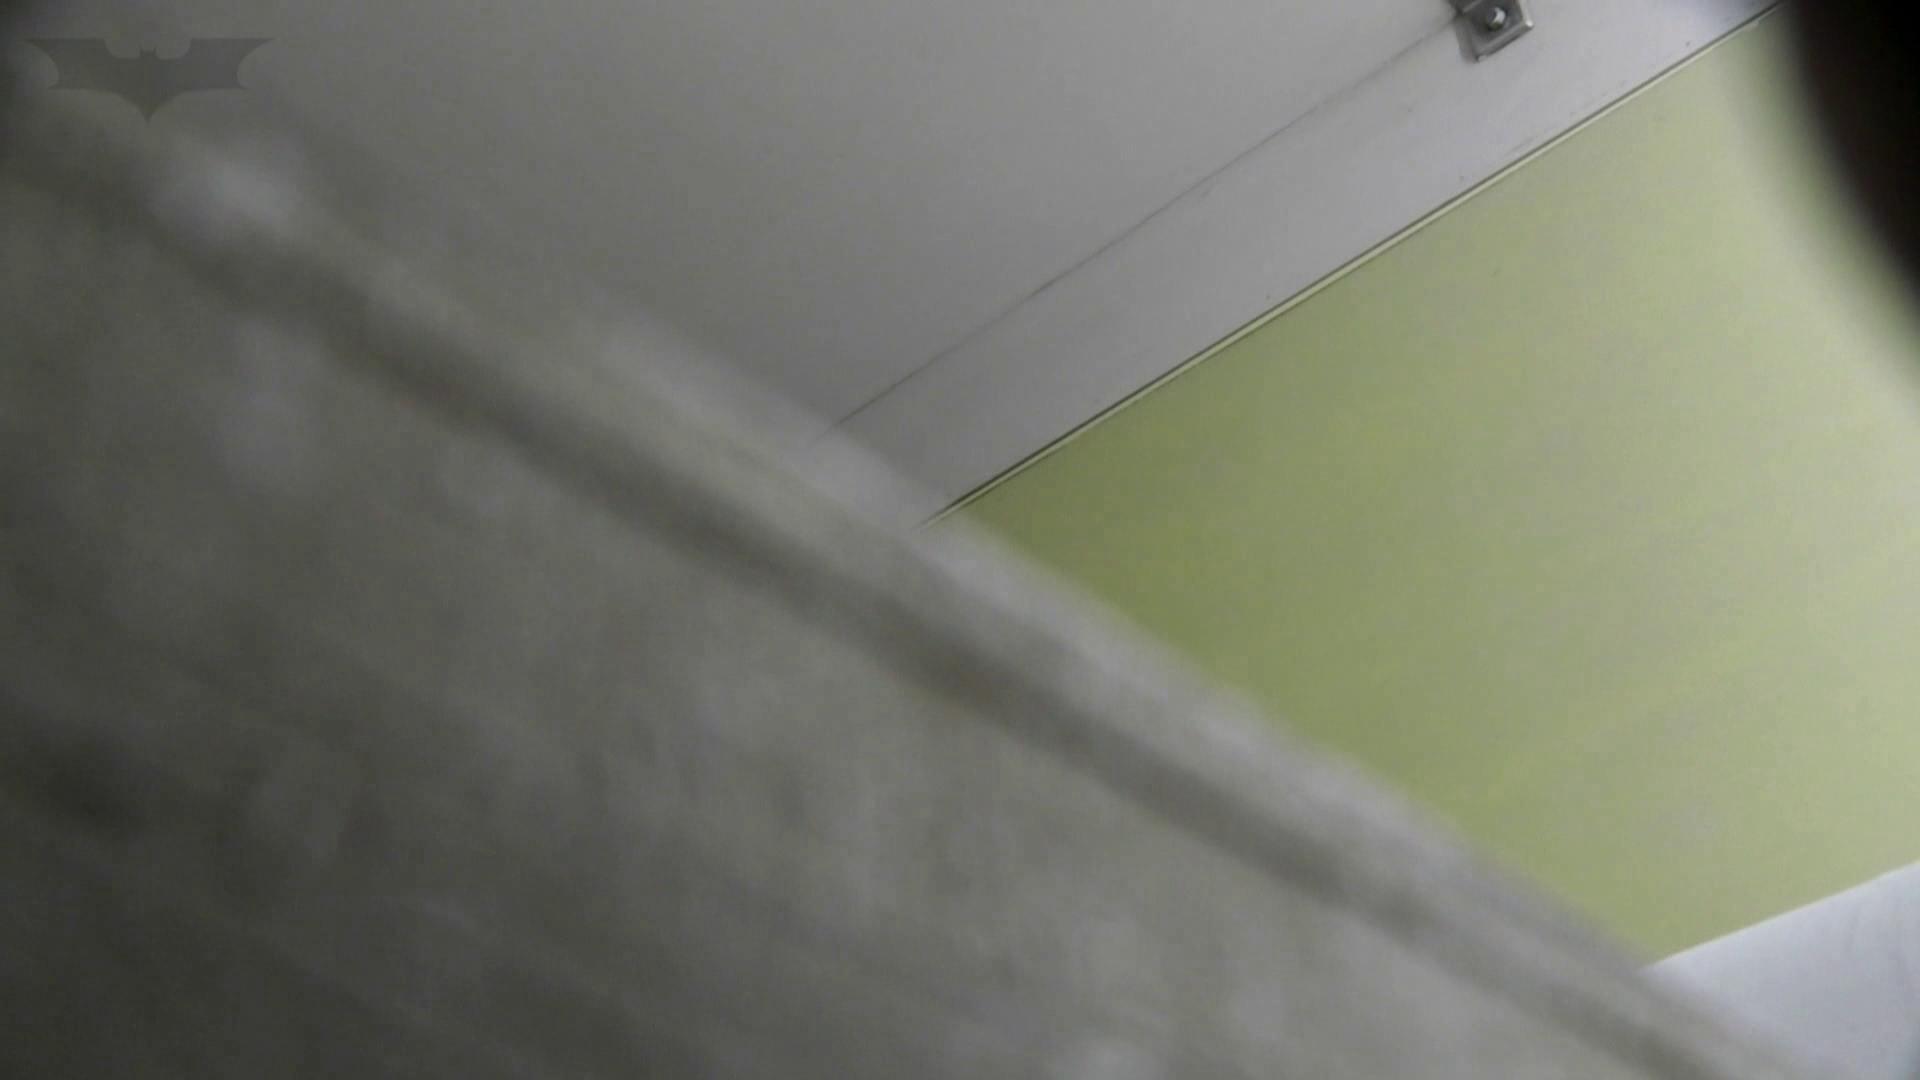 洗面所特攻隊 vol.74 last 2総勢16名激撮【2015・29位】 洗面所  105連発 50